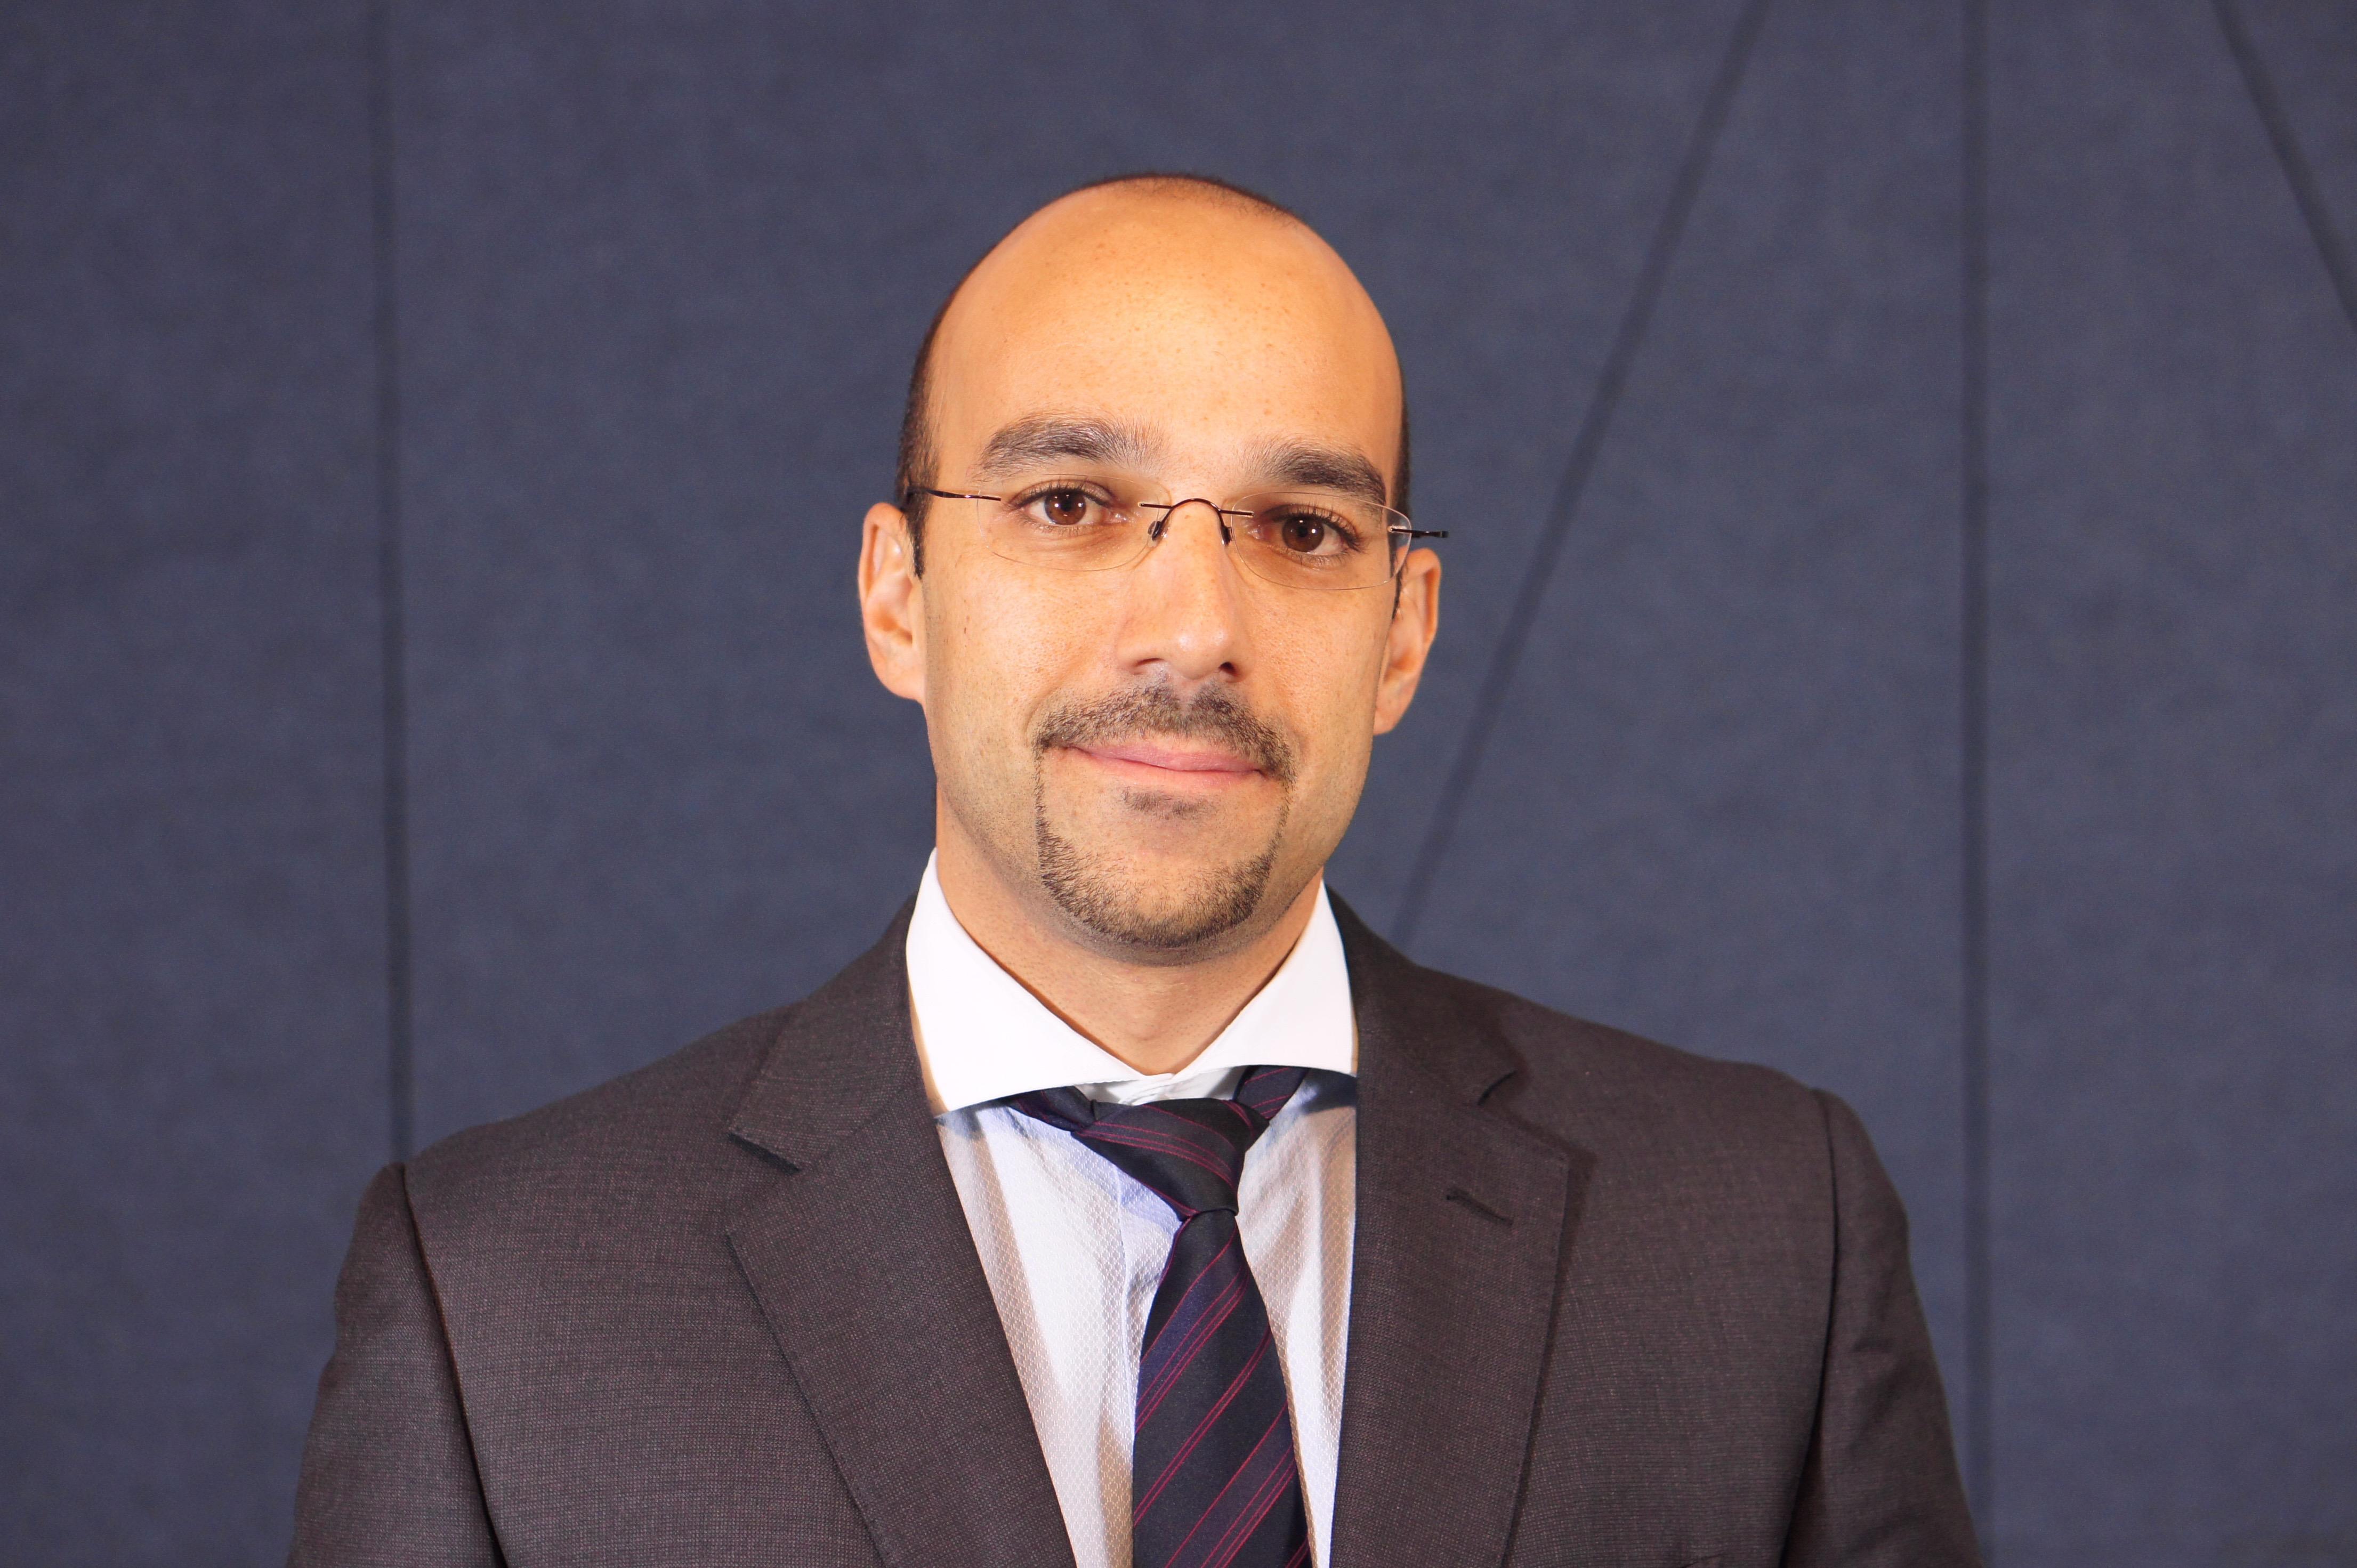 Omar Afailal, director de la oficina de representación de CaixaBank en Egipto